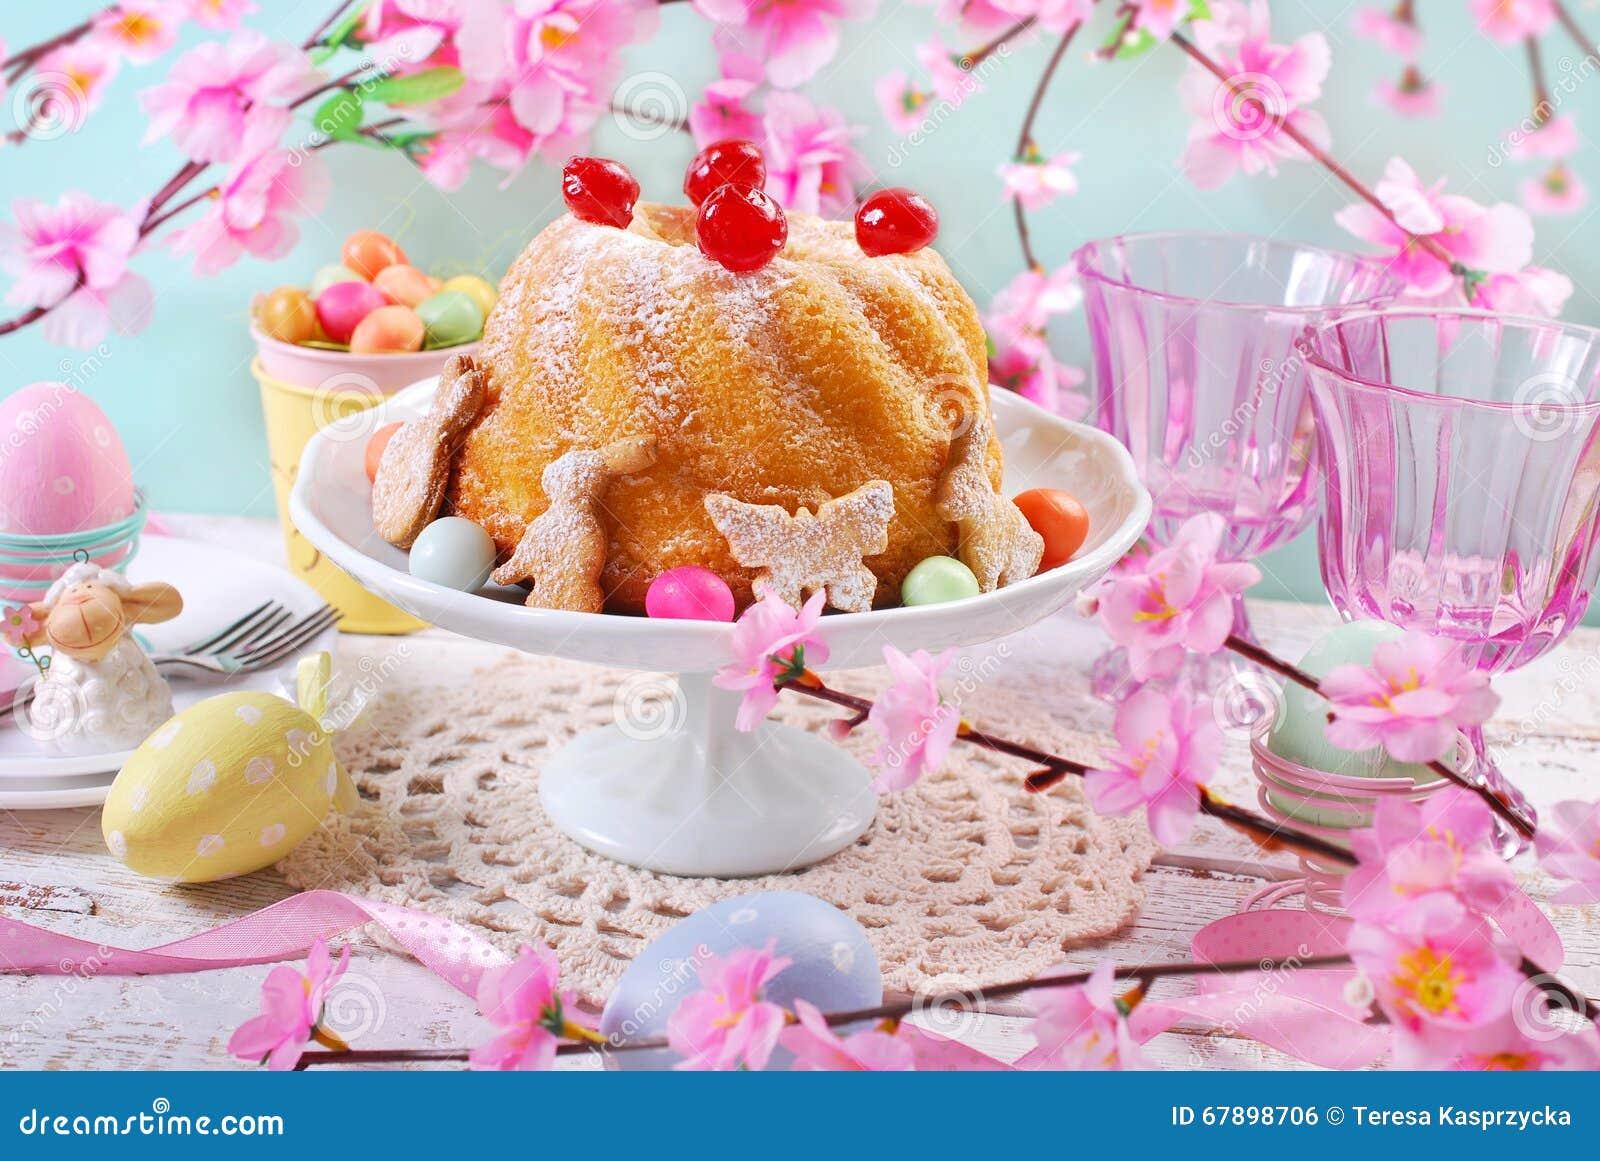 复活节与樱桃装饰和糖粉的圆环蛋糕